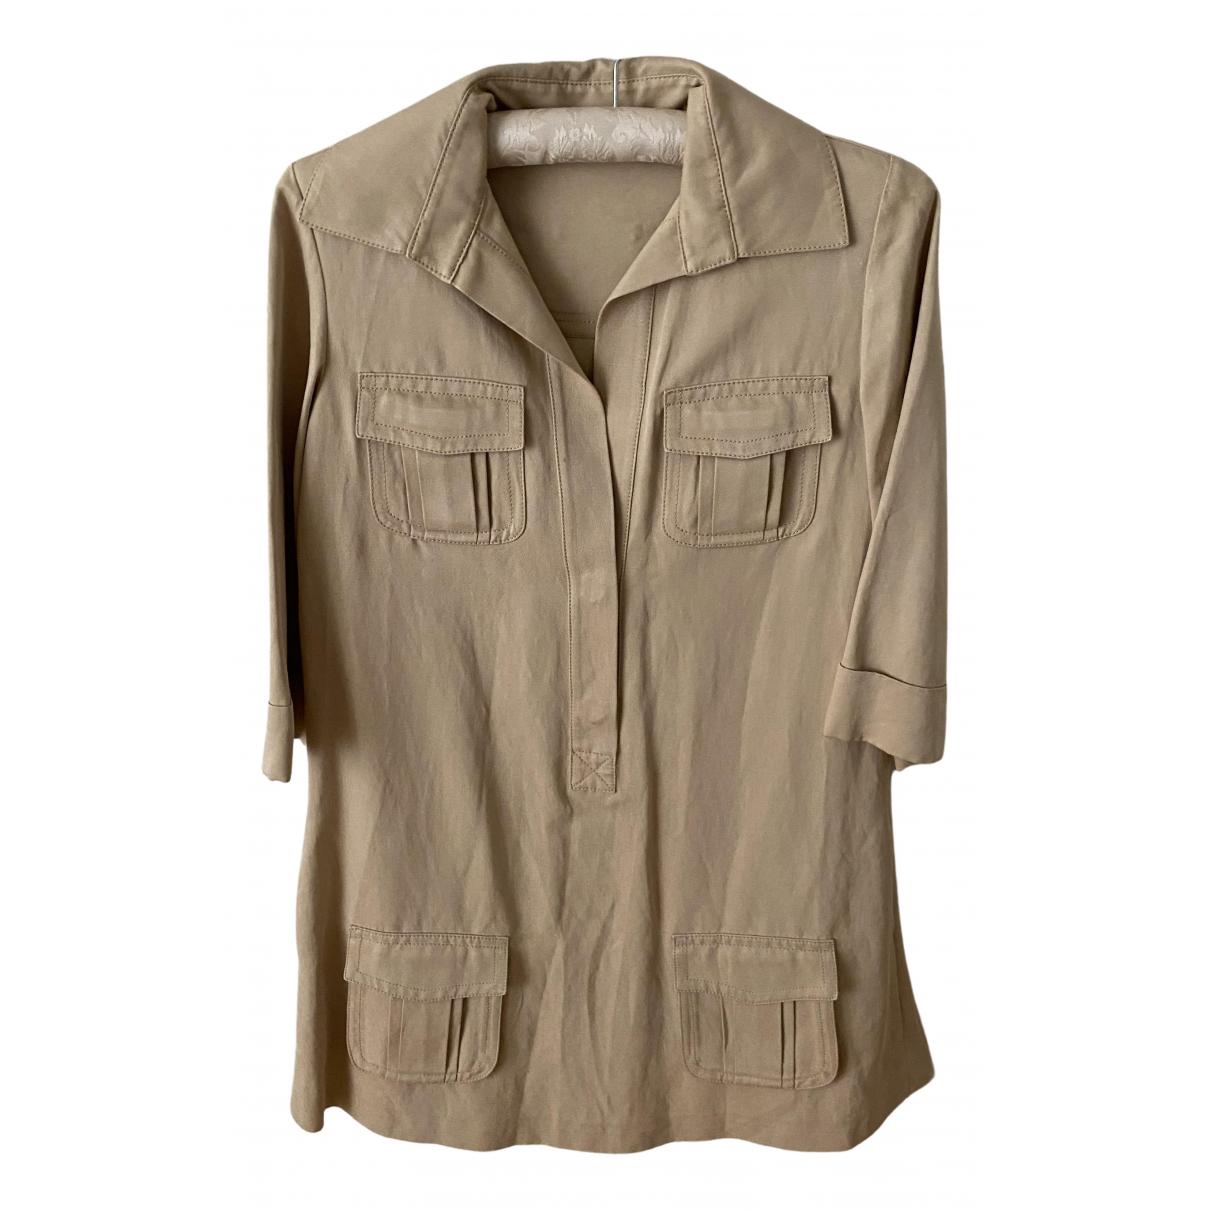 Diane Von Furstenberg N Beige Cotton dress for Women 38 FR